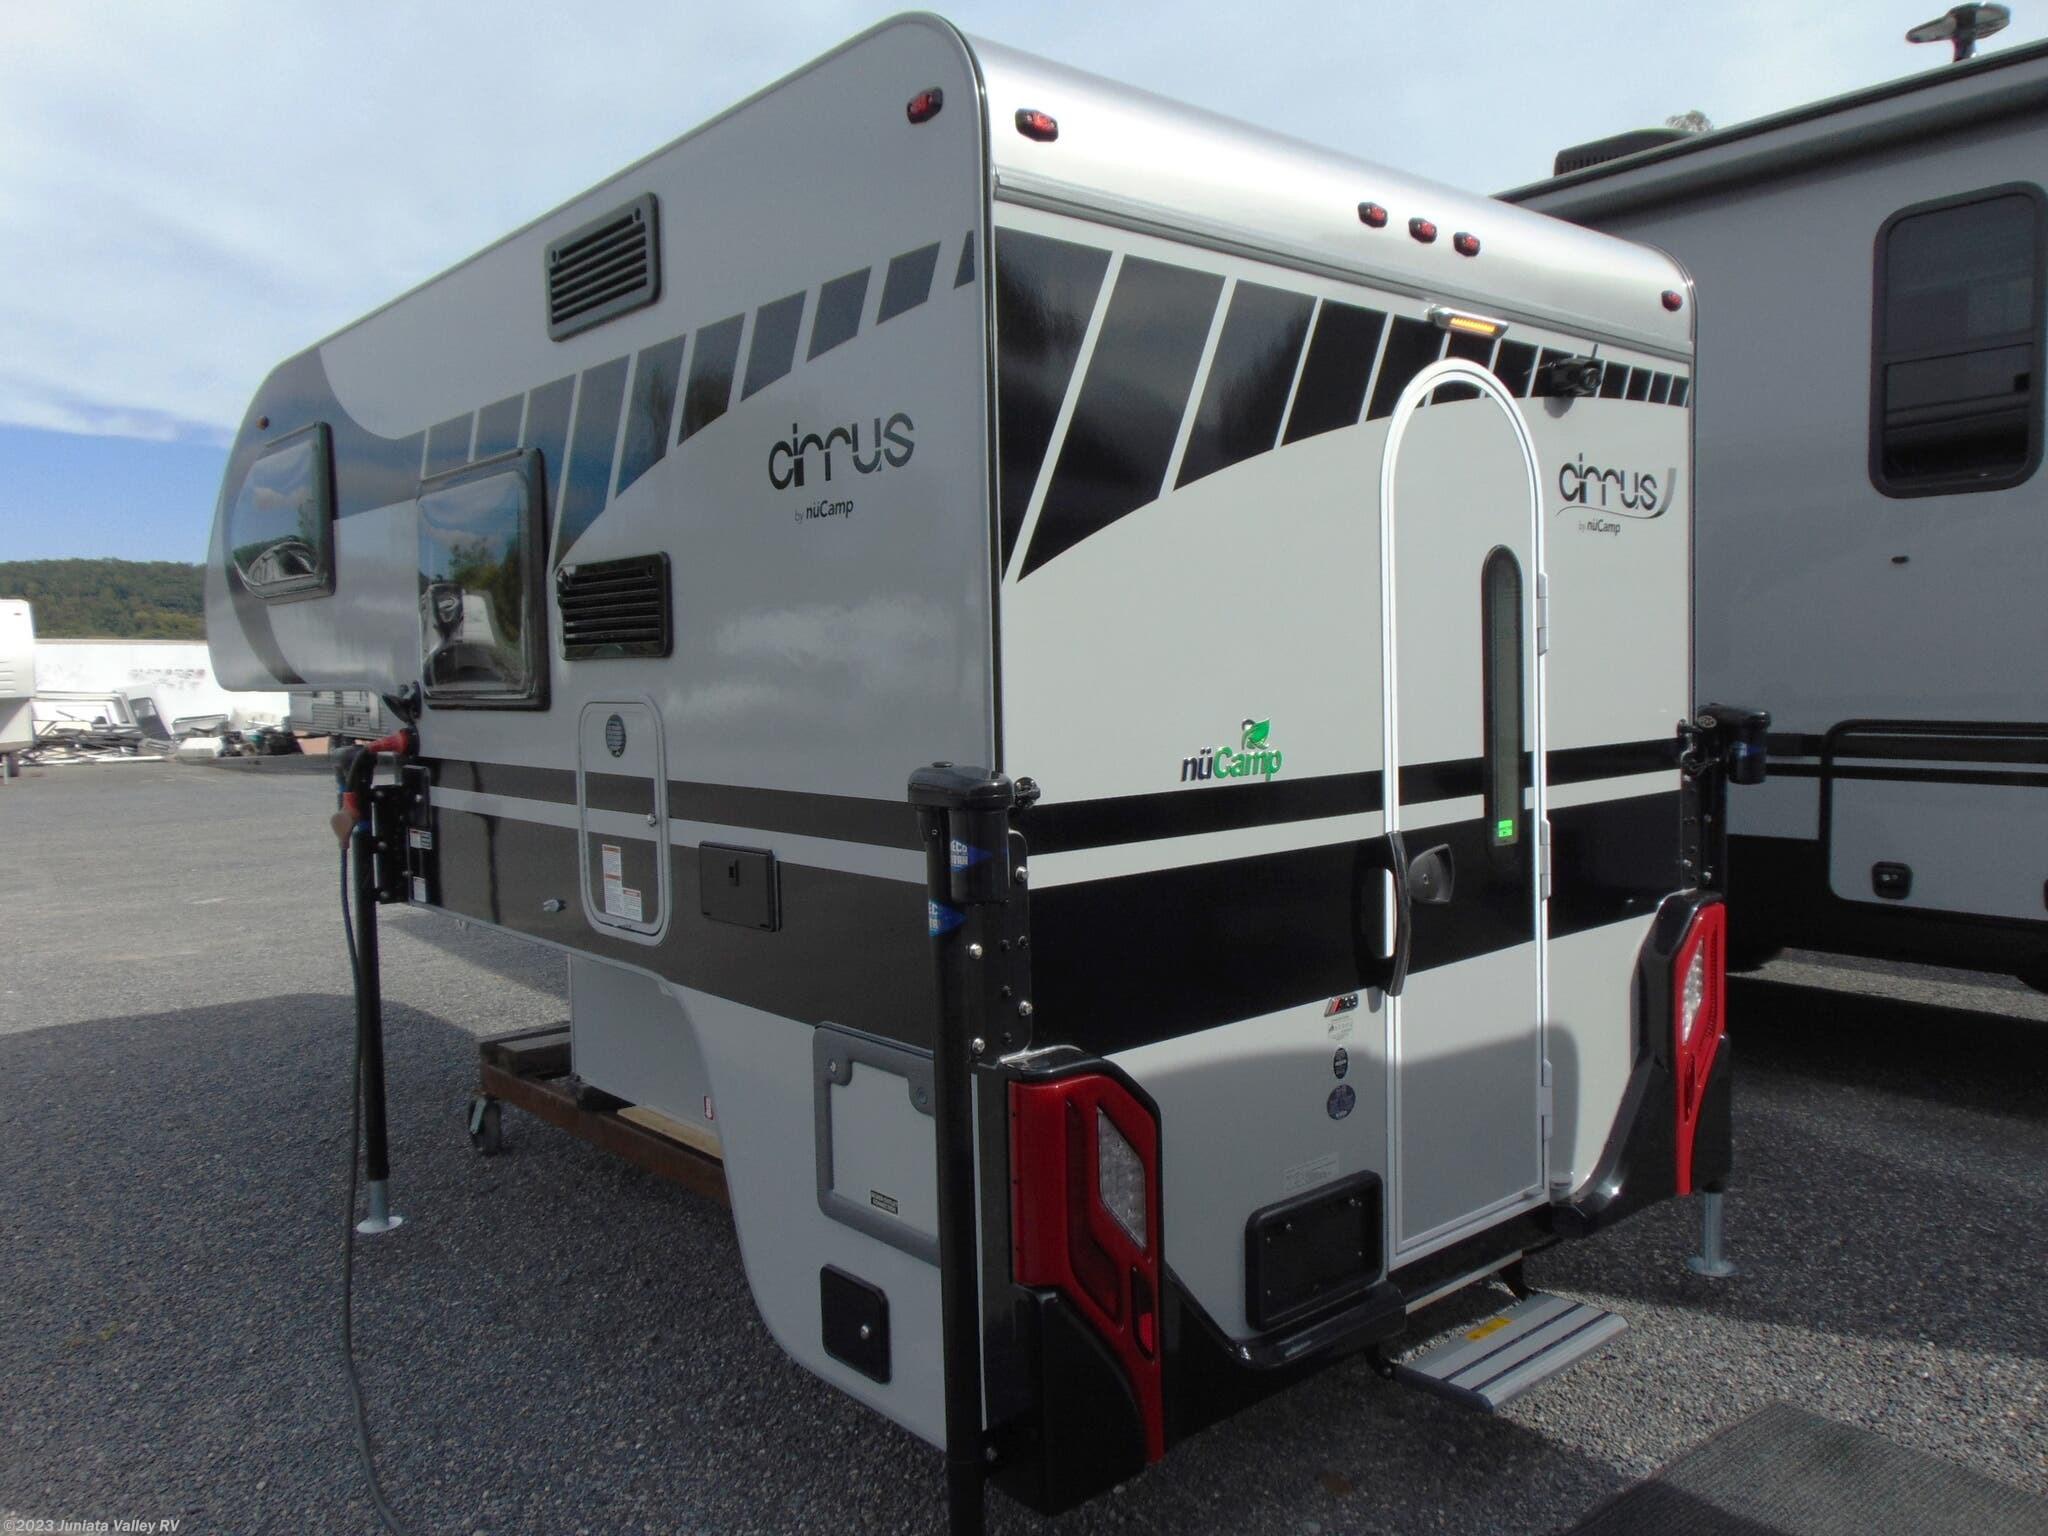 4758 - 2017 Travel Lite Truck Campers 625SL Truck Camper for